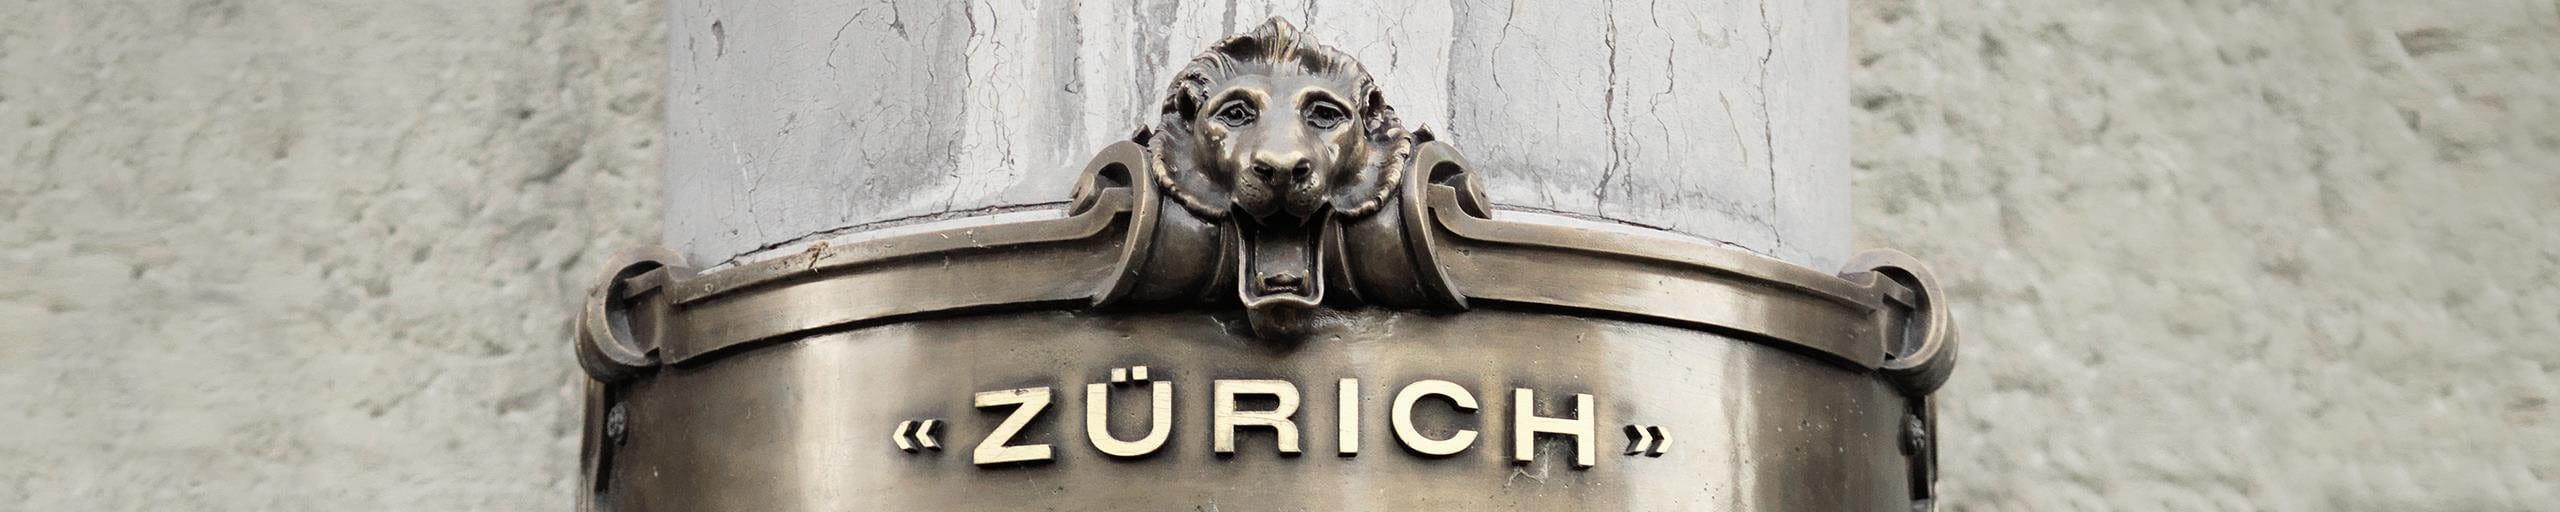 Una colonno con la scritta della Zurich.